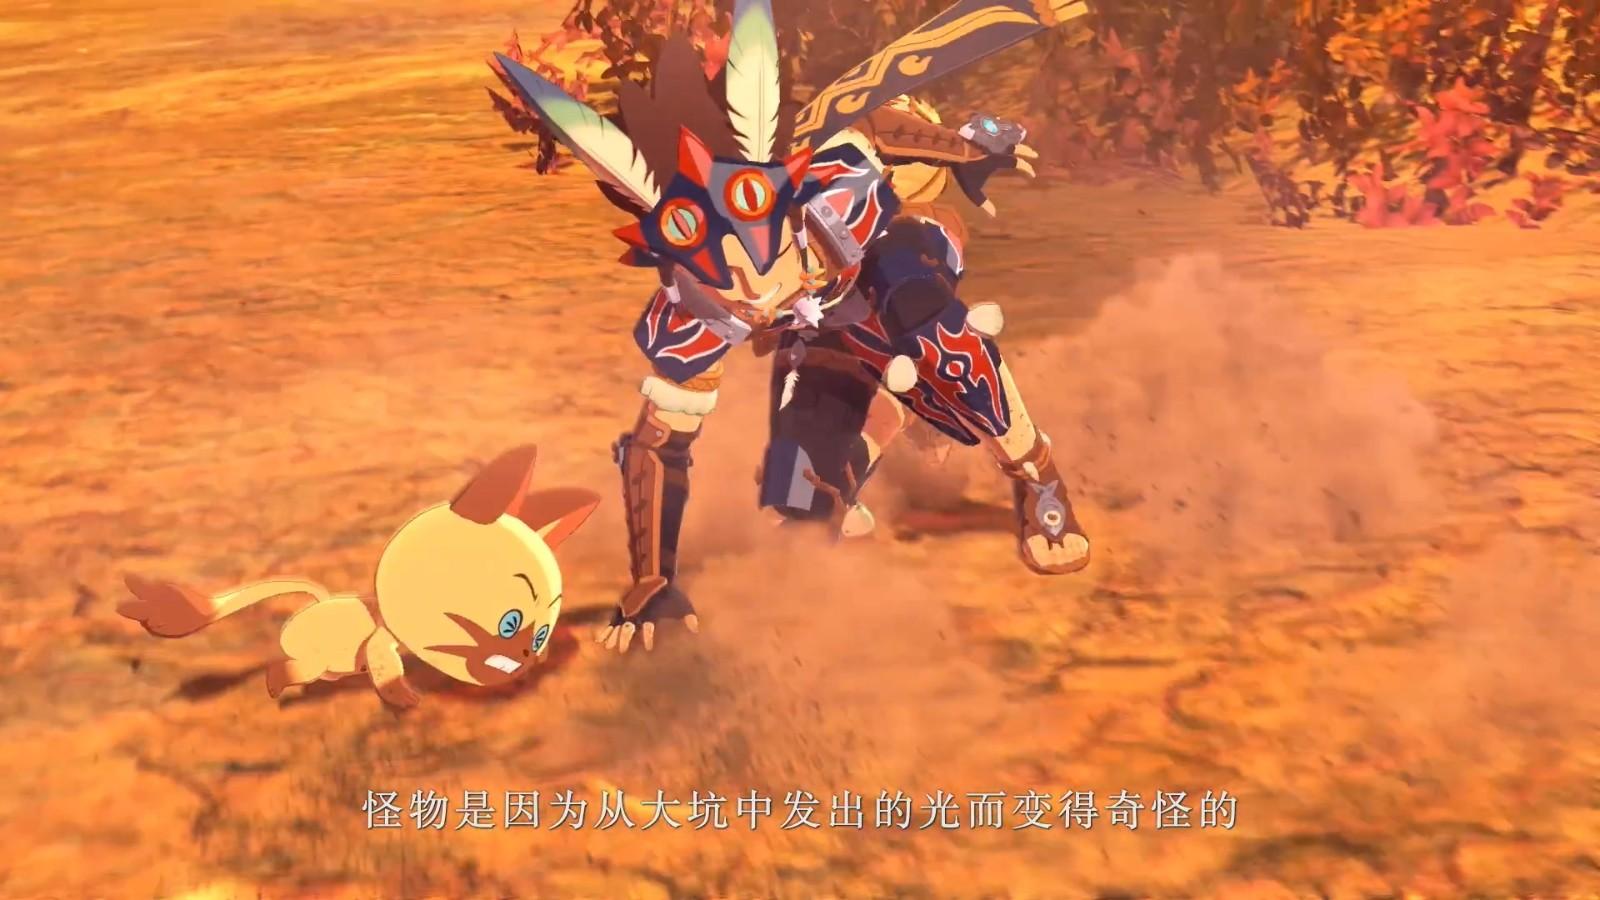 《怪物猎人物语2:扑灭之翼》第四弹PV优盈平台然 培养专属于你的首创随行兽!